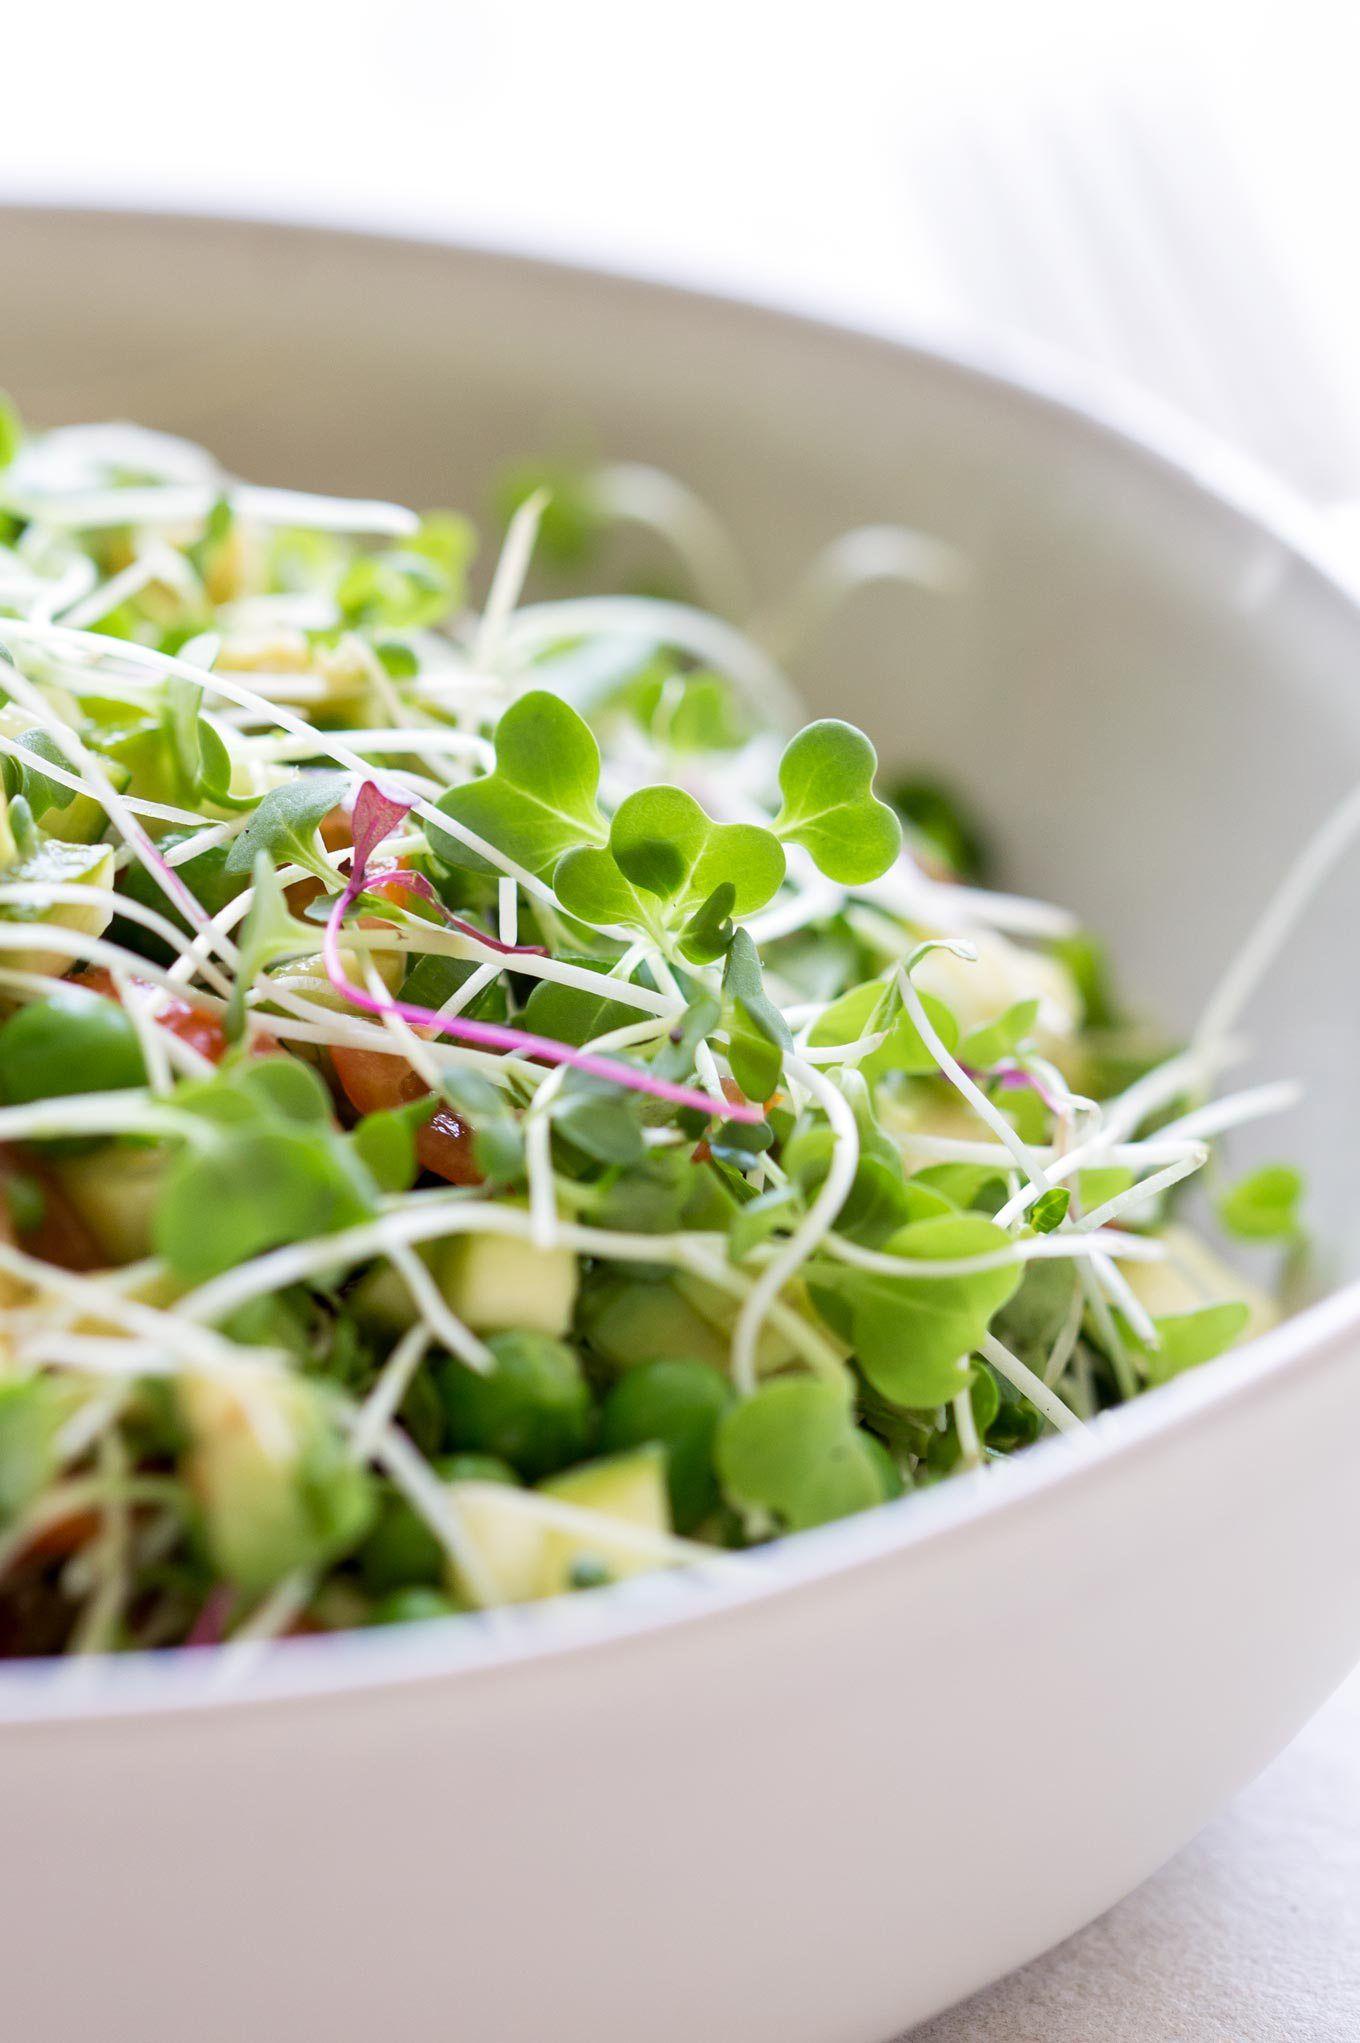 Микрозелень: польза, особенности выращивания в домашних условиях, виды, рецепты